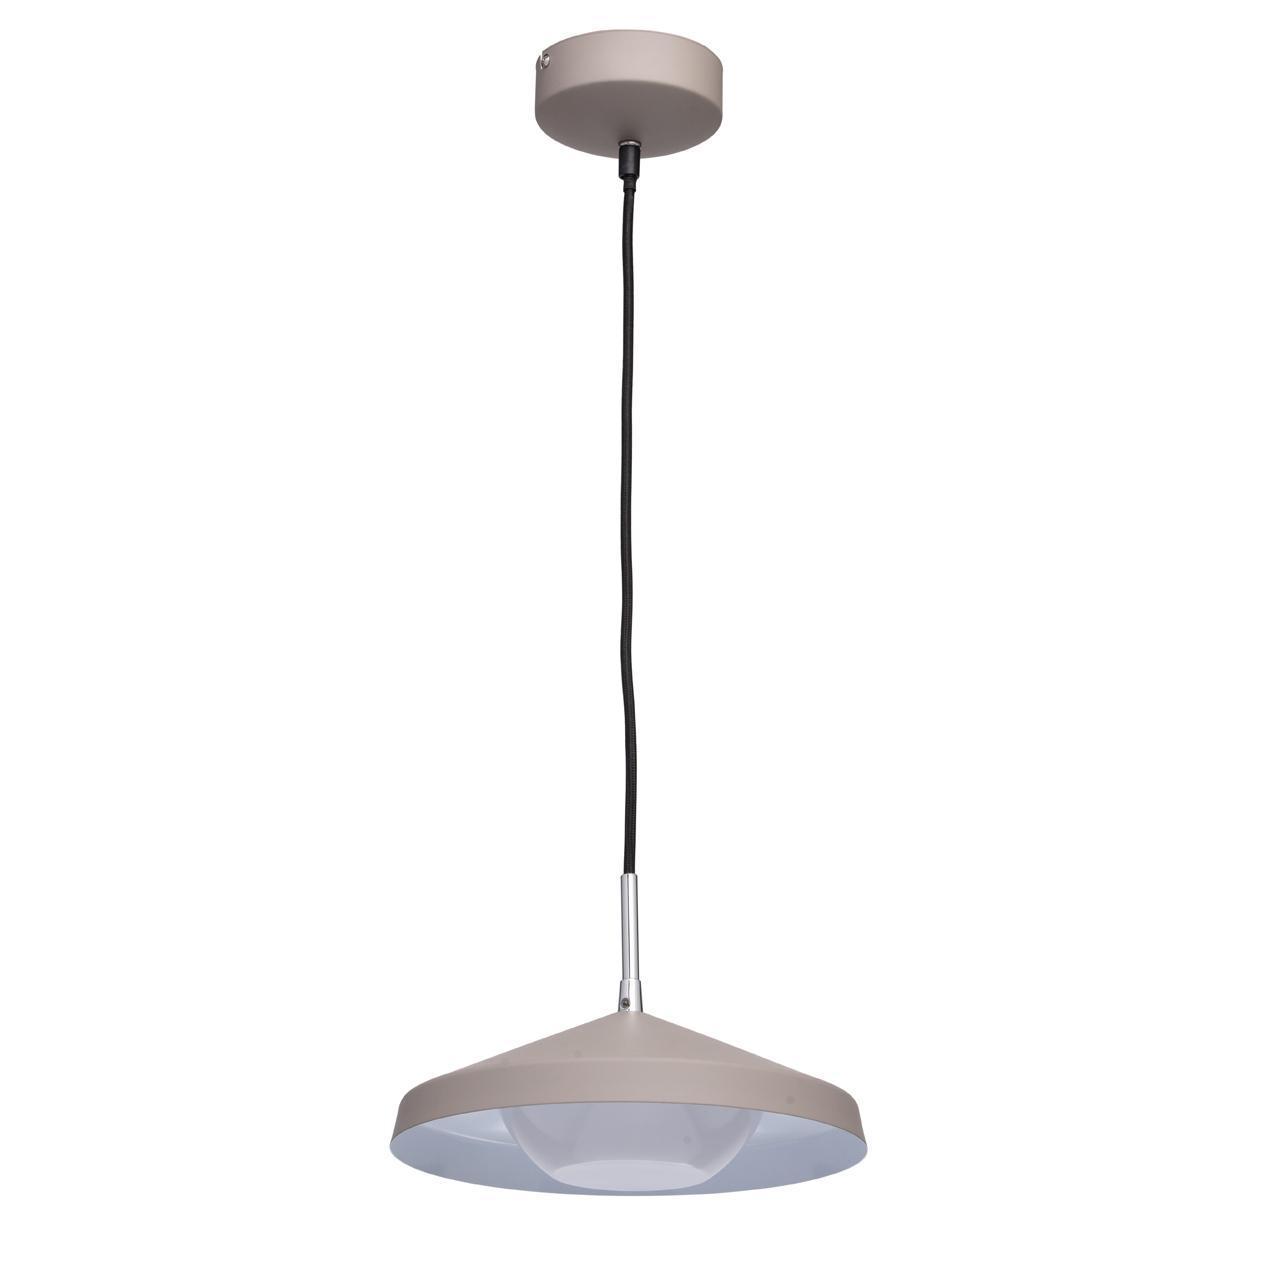 Подвесной светодиодный светильник MW-Light Раунд 3 636012101 подвесной светодиодный светильник mw light ракурс 6 631012405